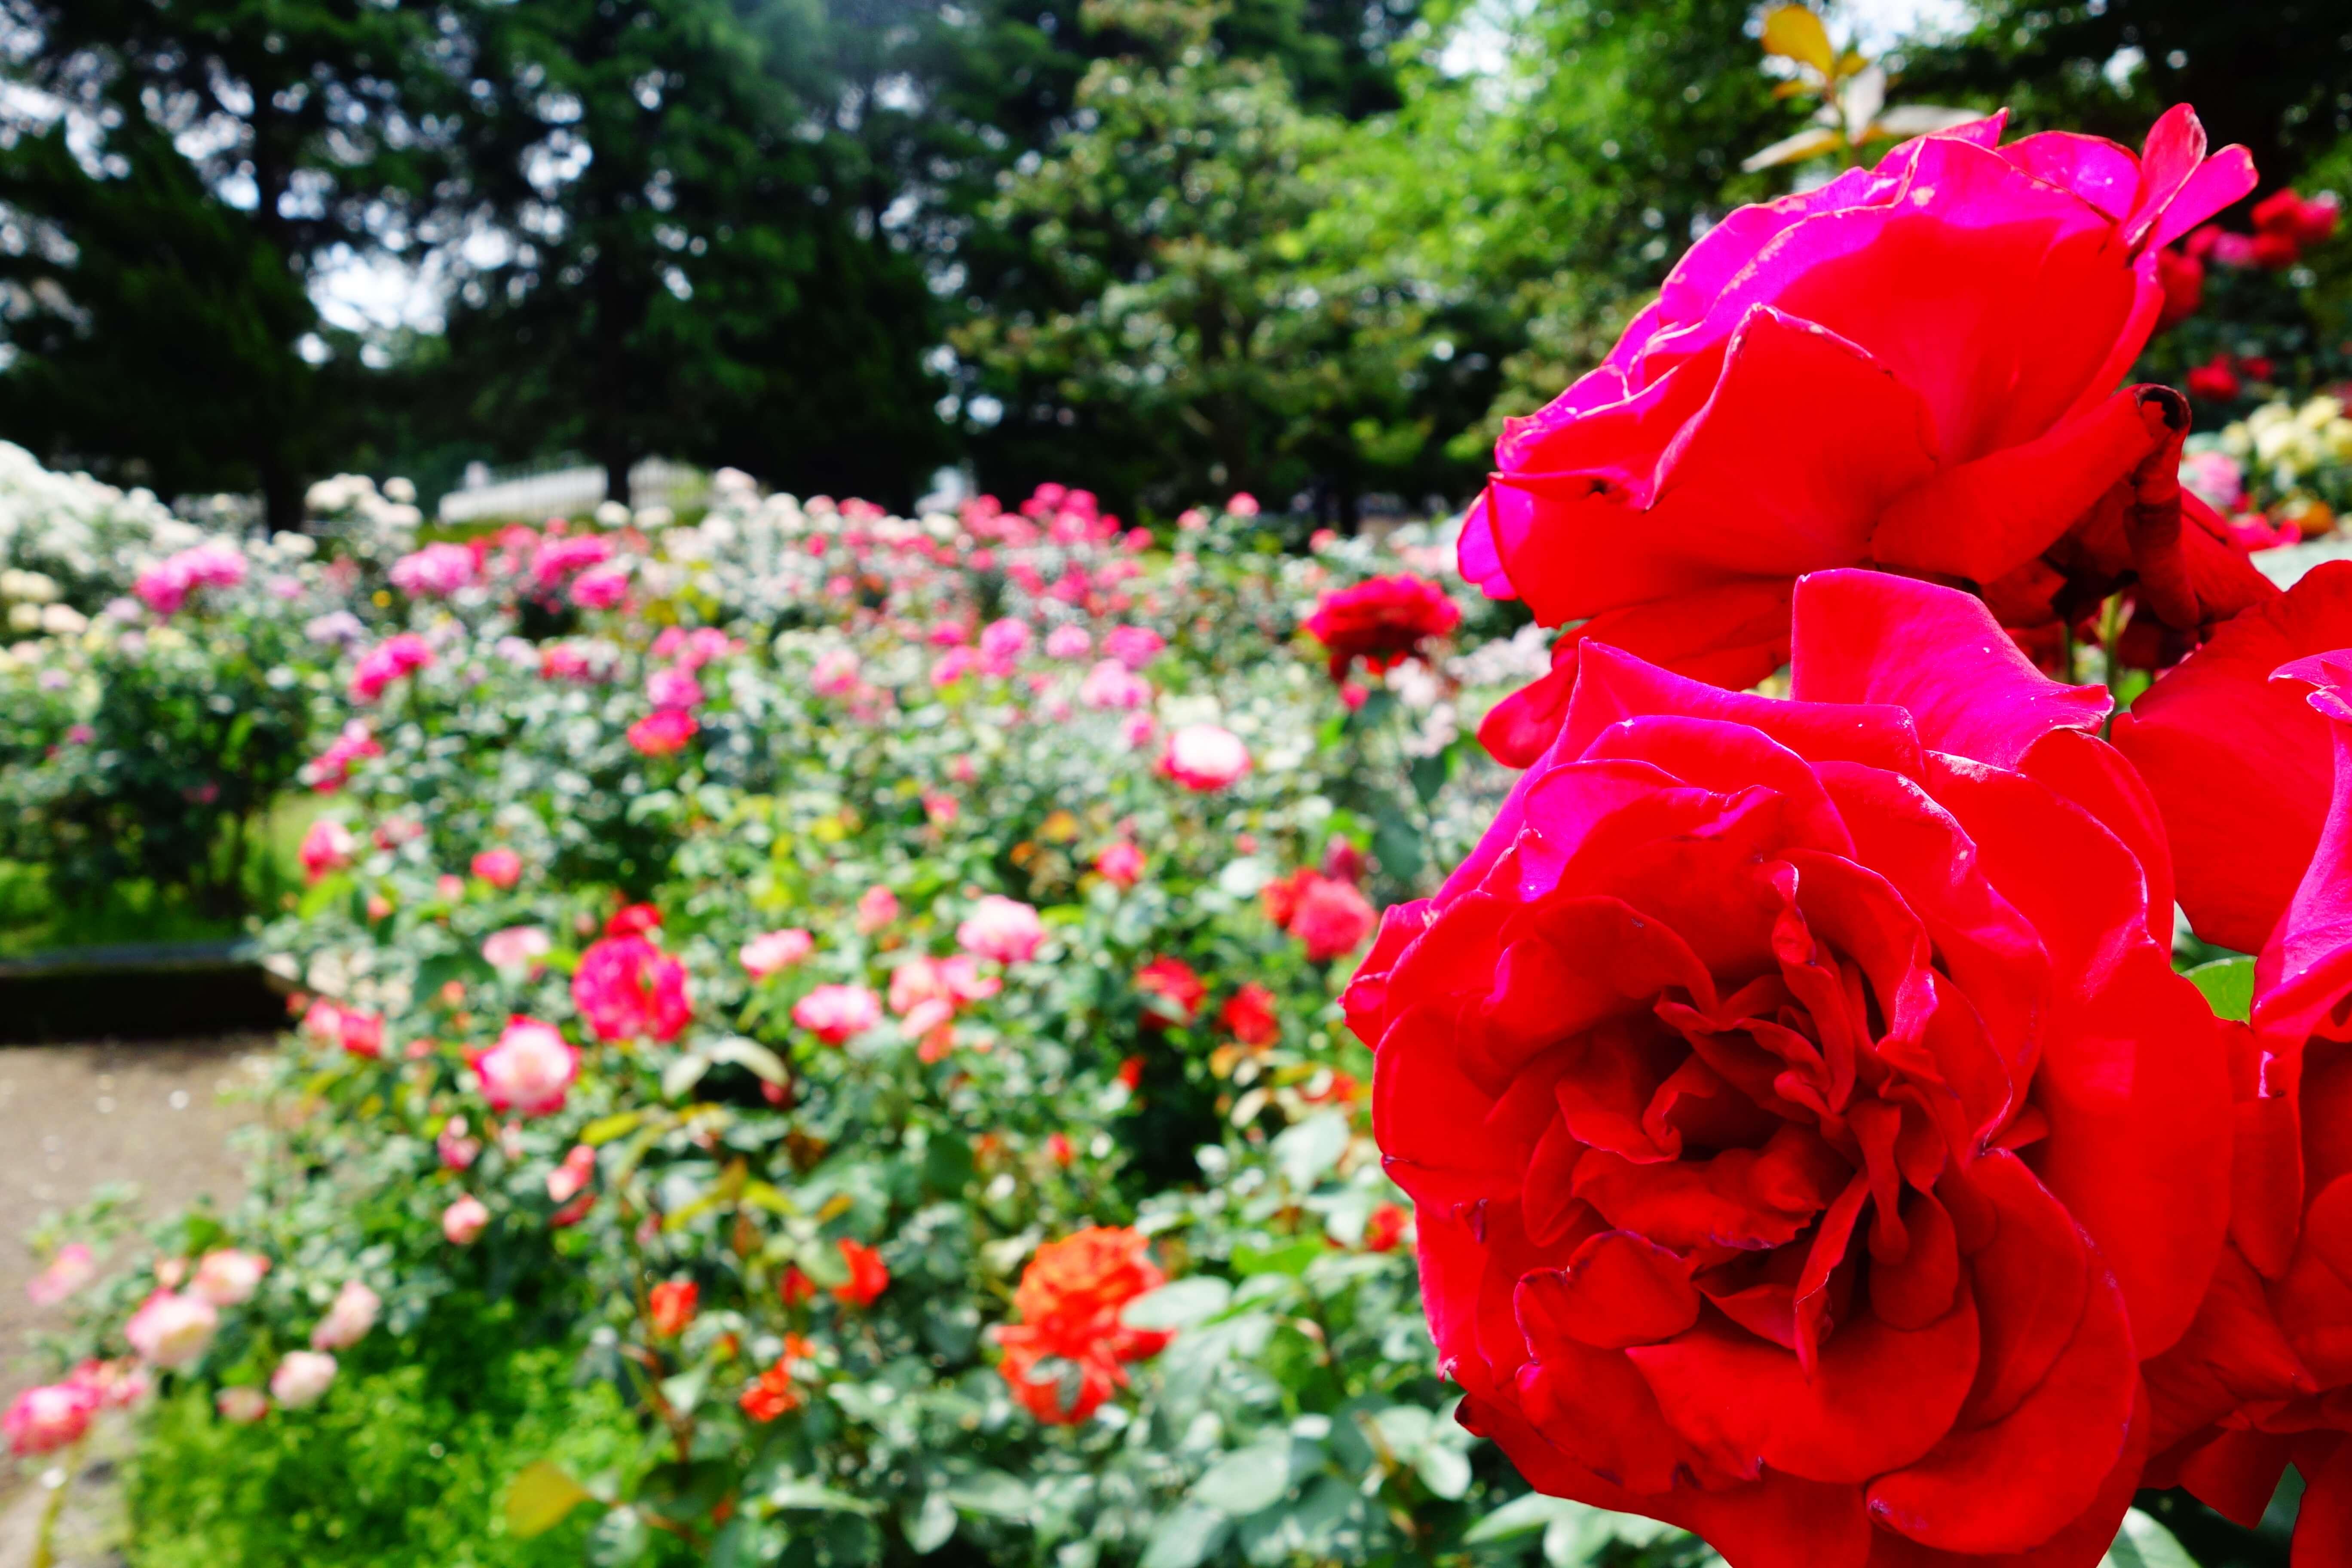 金沢南総合運動公園|石川県金沢市でバラを無料で観られる富樫のバラ園がオススメ